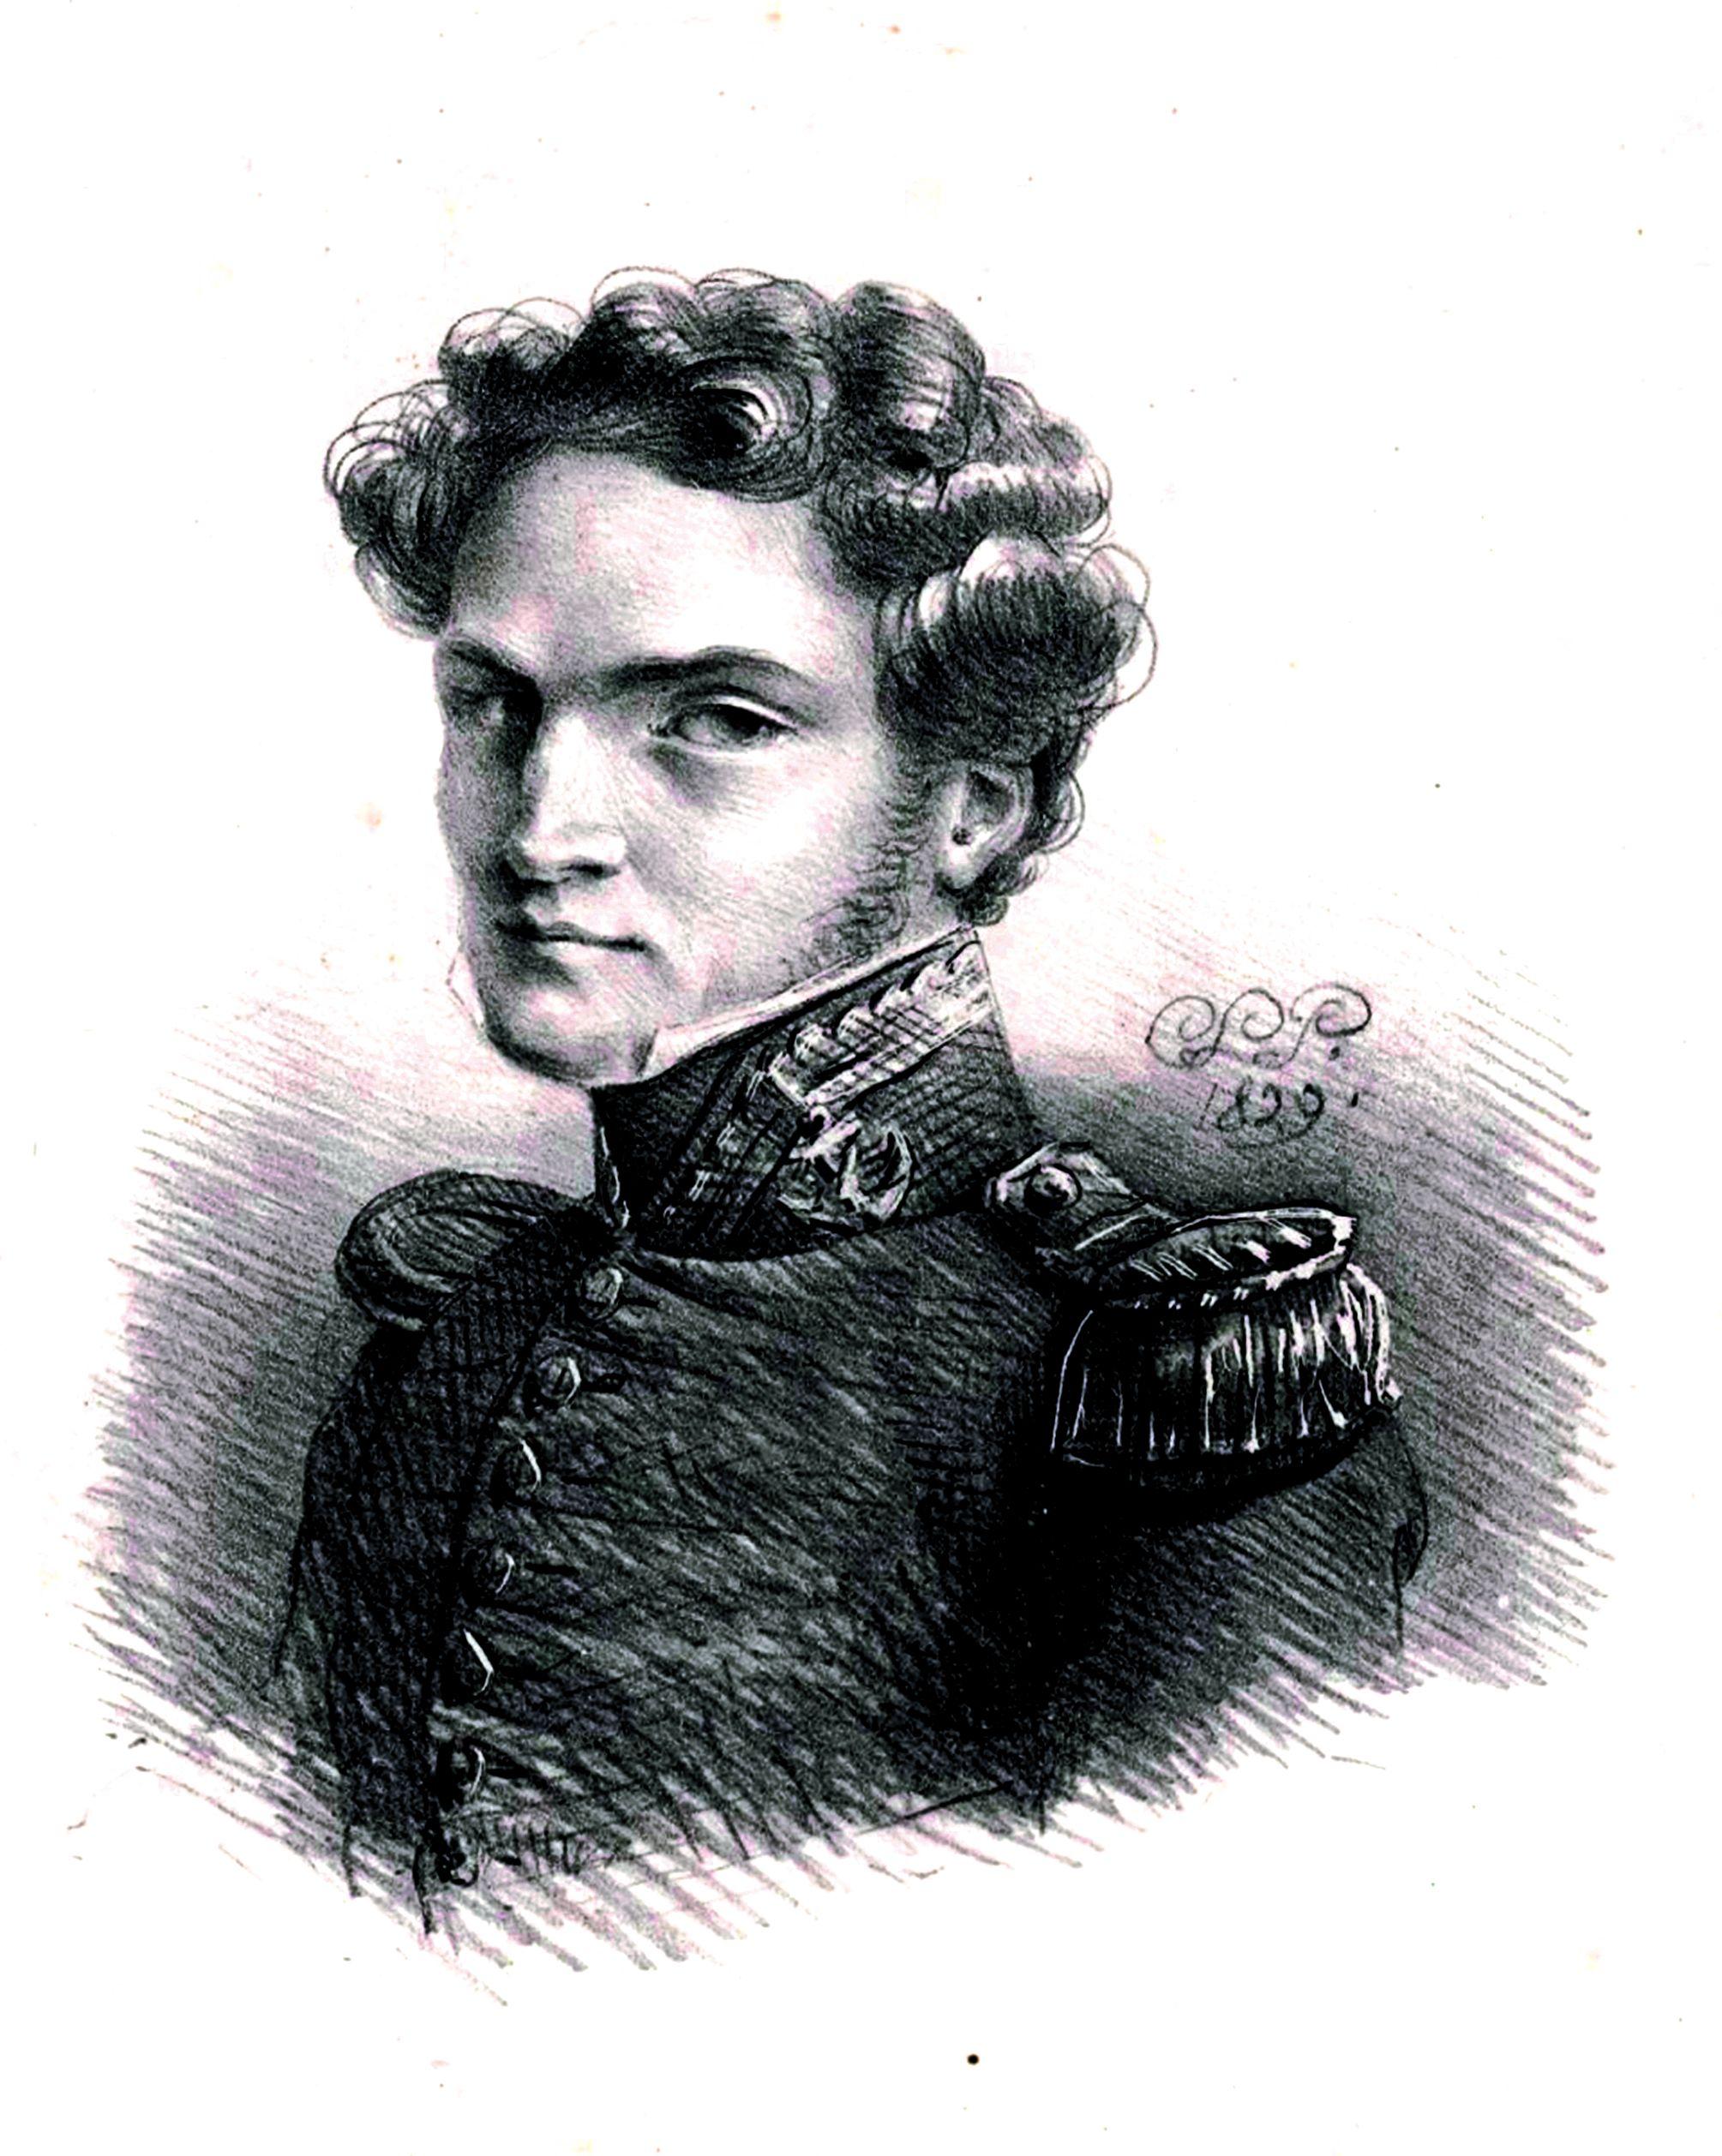 Le capitaine de vaisseau Joseph Fidèle Eugène du Bouzet.  National Librairy of Australia